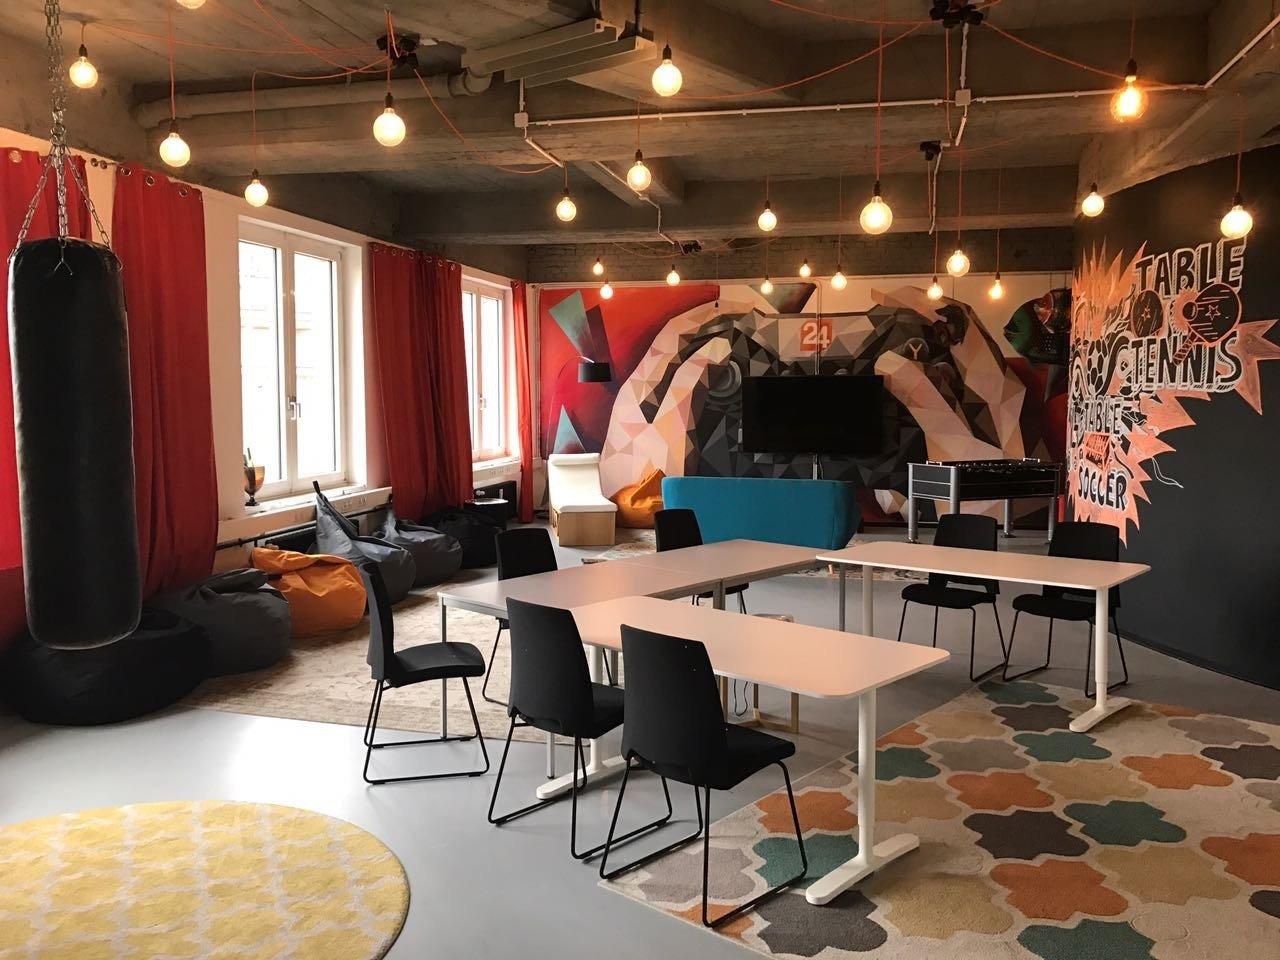 rent24 berlin sch neberg workshop room mieten in berlin. Black Bedroom Furniture Sets. Home Design Ideas